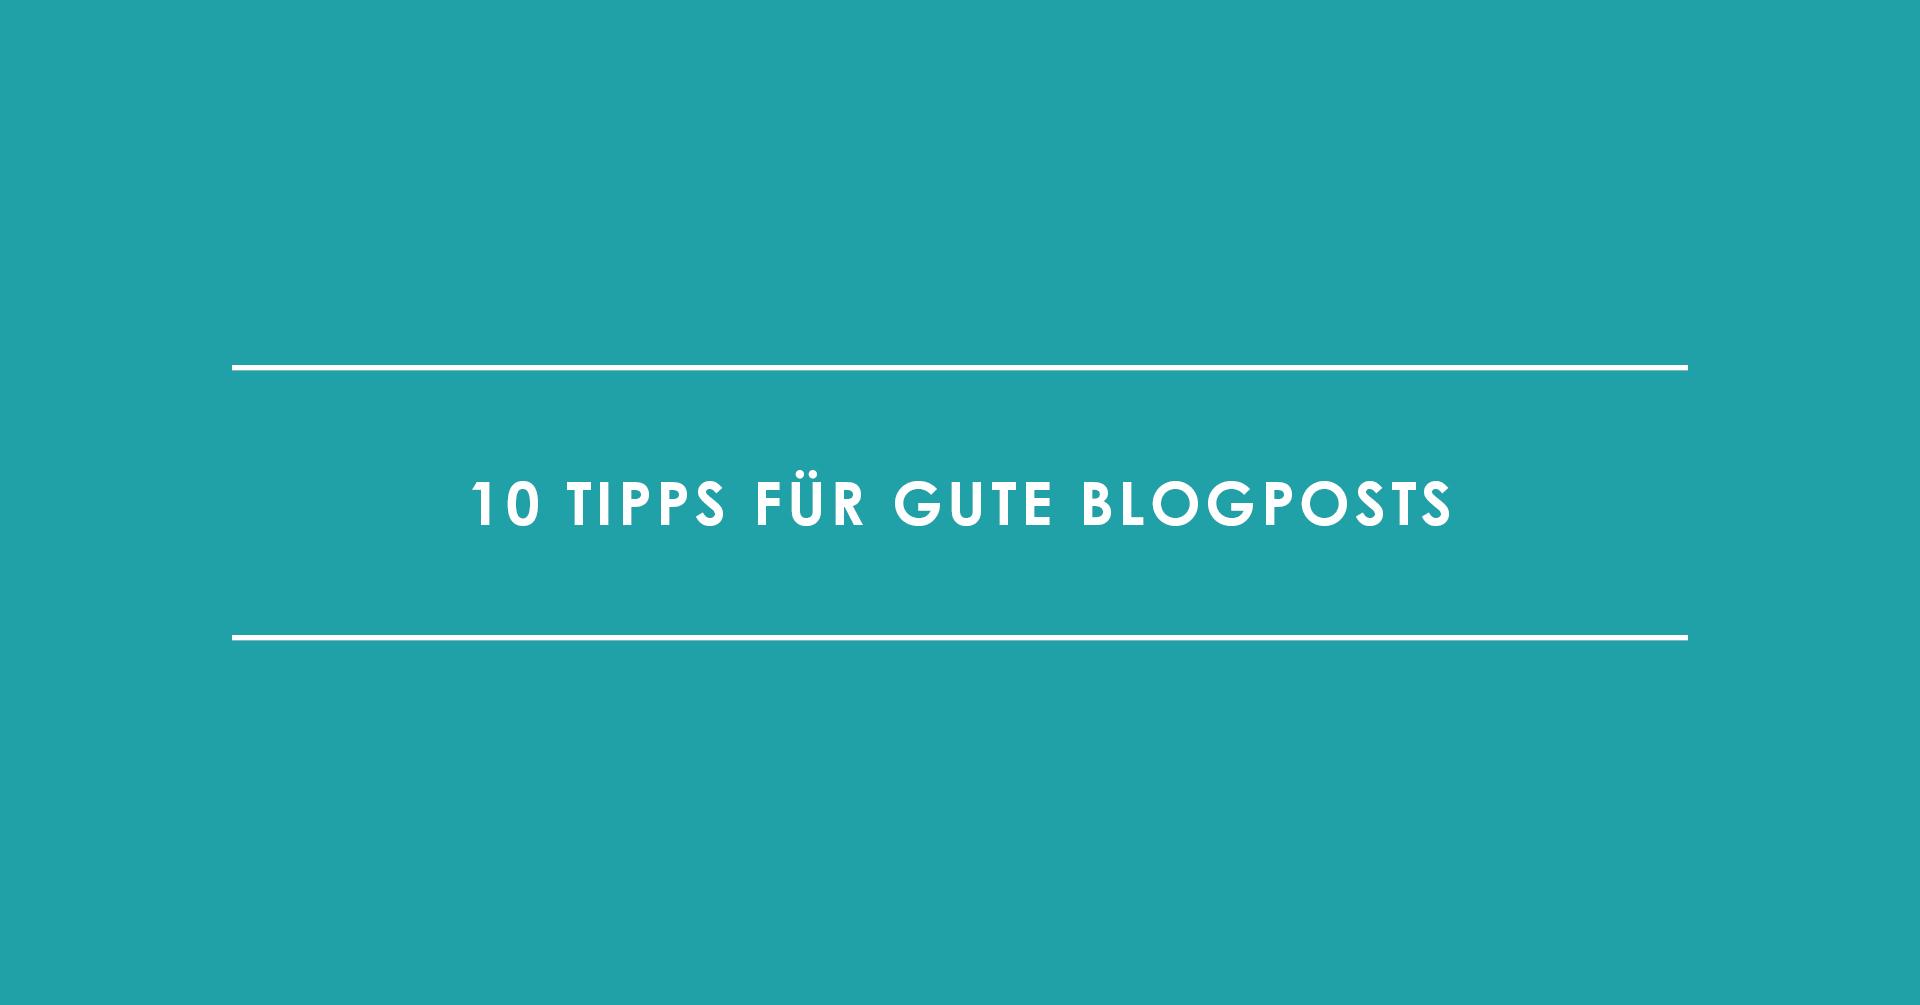 TRIALTA 10 Tipps für gute Blogposts